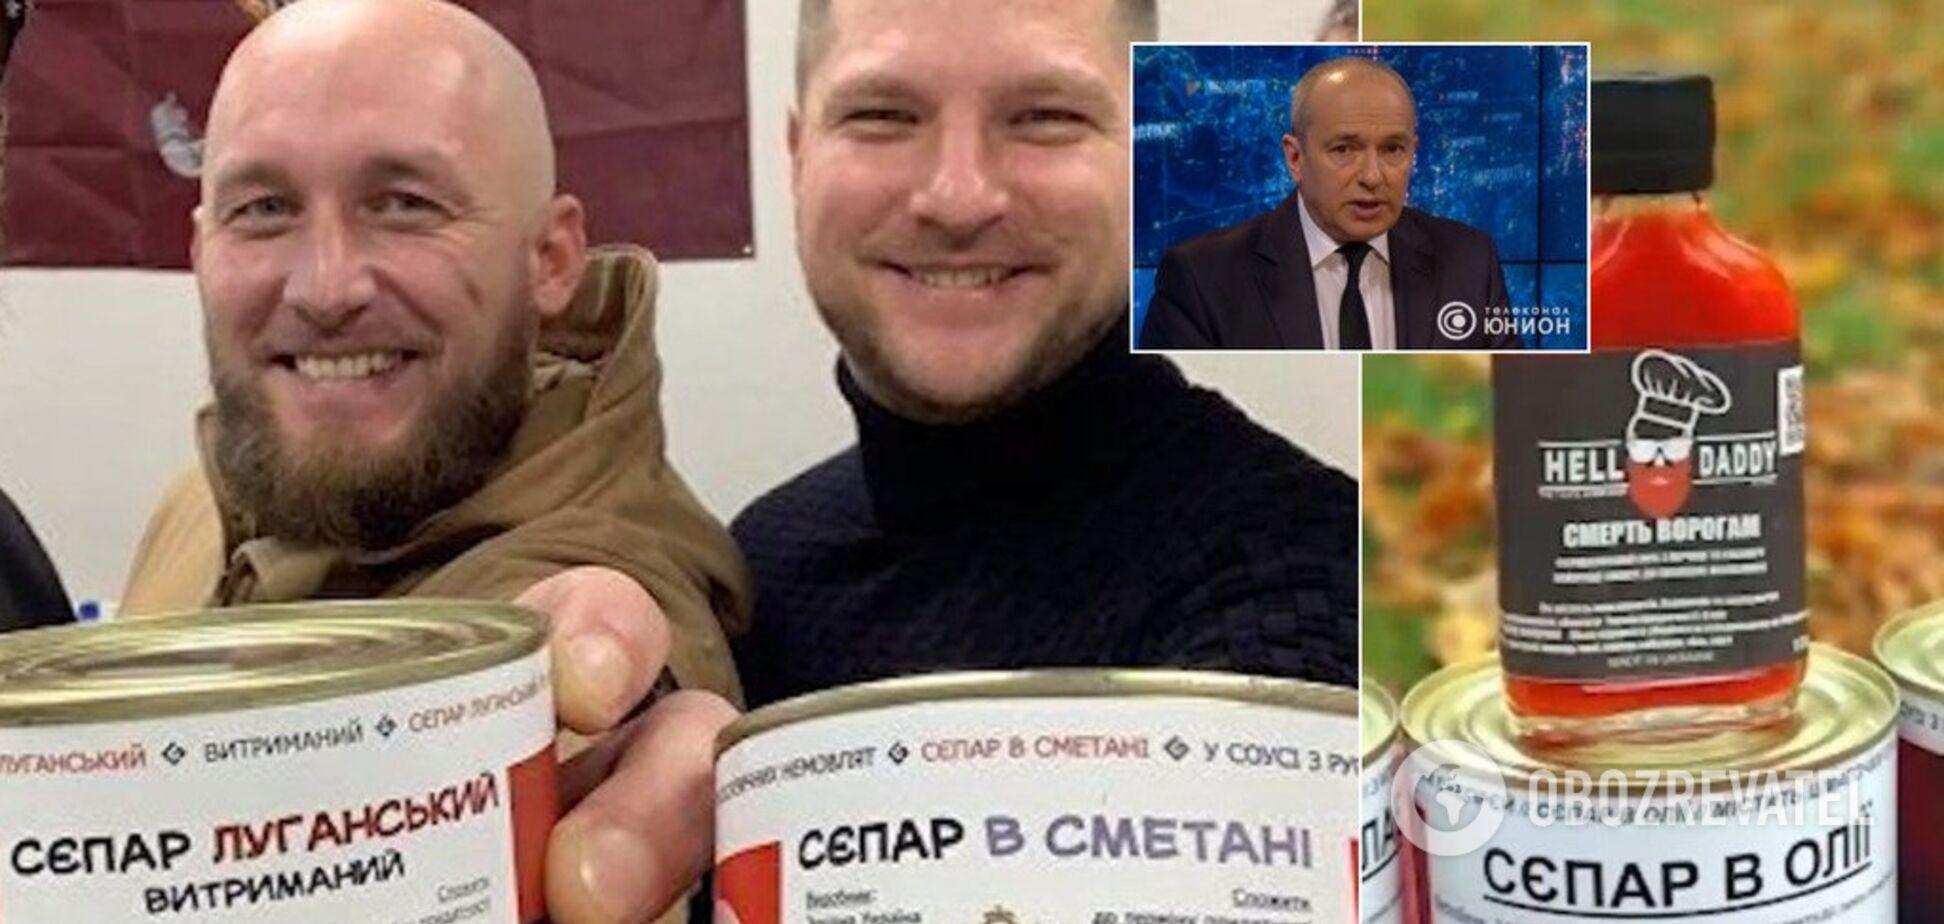 'Перешли к каннибализму!' Пропагандисты озвучили новую страшилку о жизни в Украине